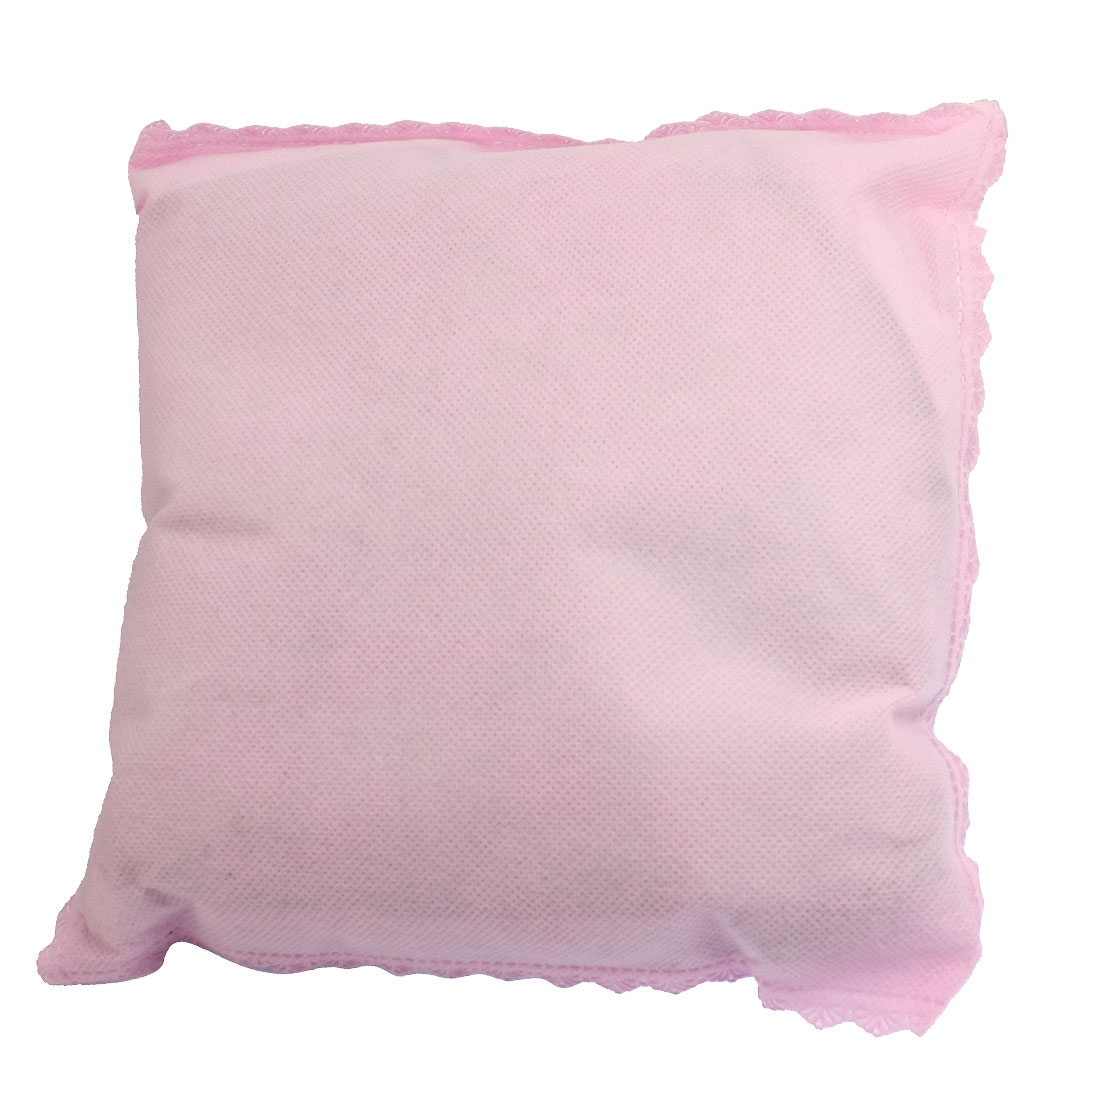 Pink Car Interior Deodorant Air Freshener Bamboo Charcoal Bag